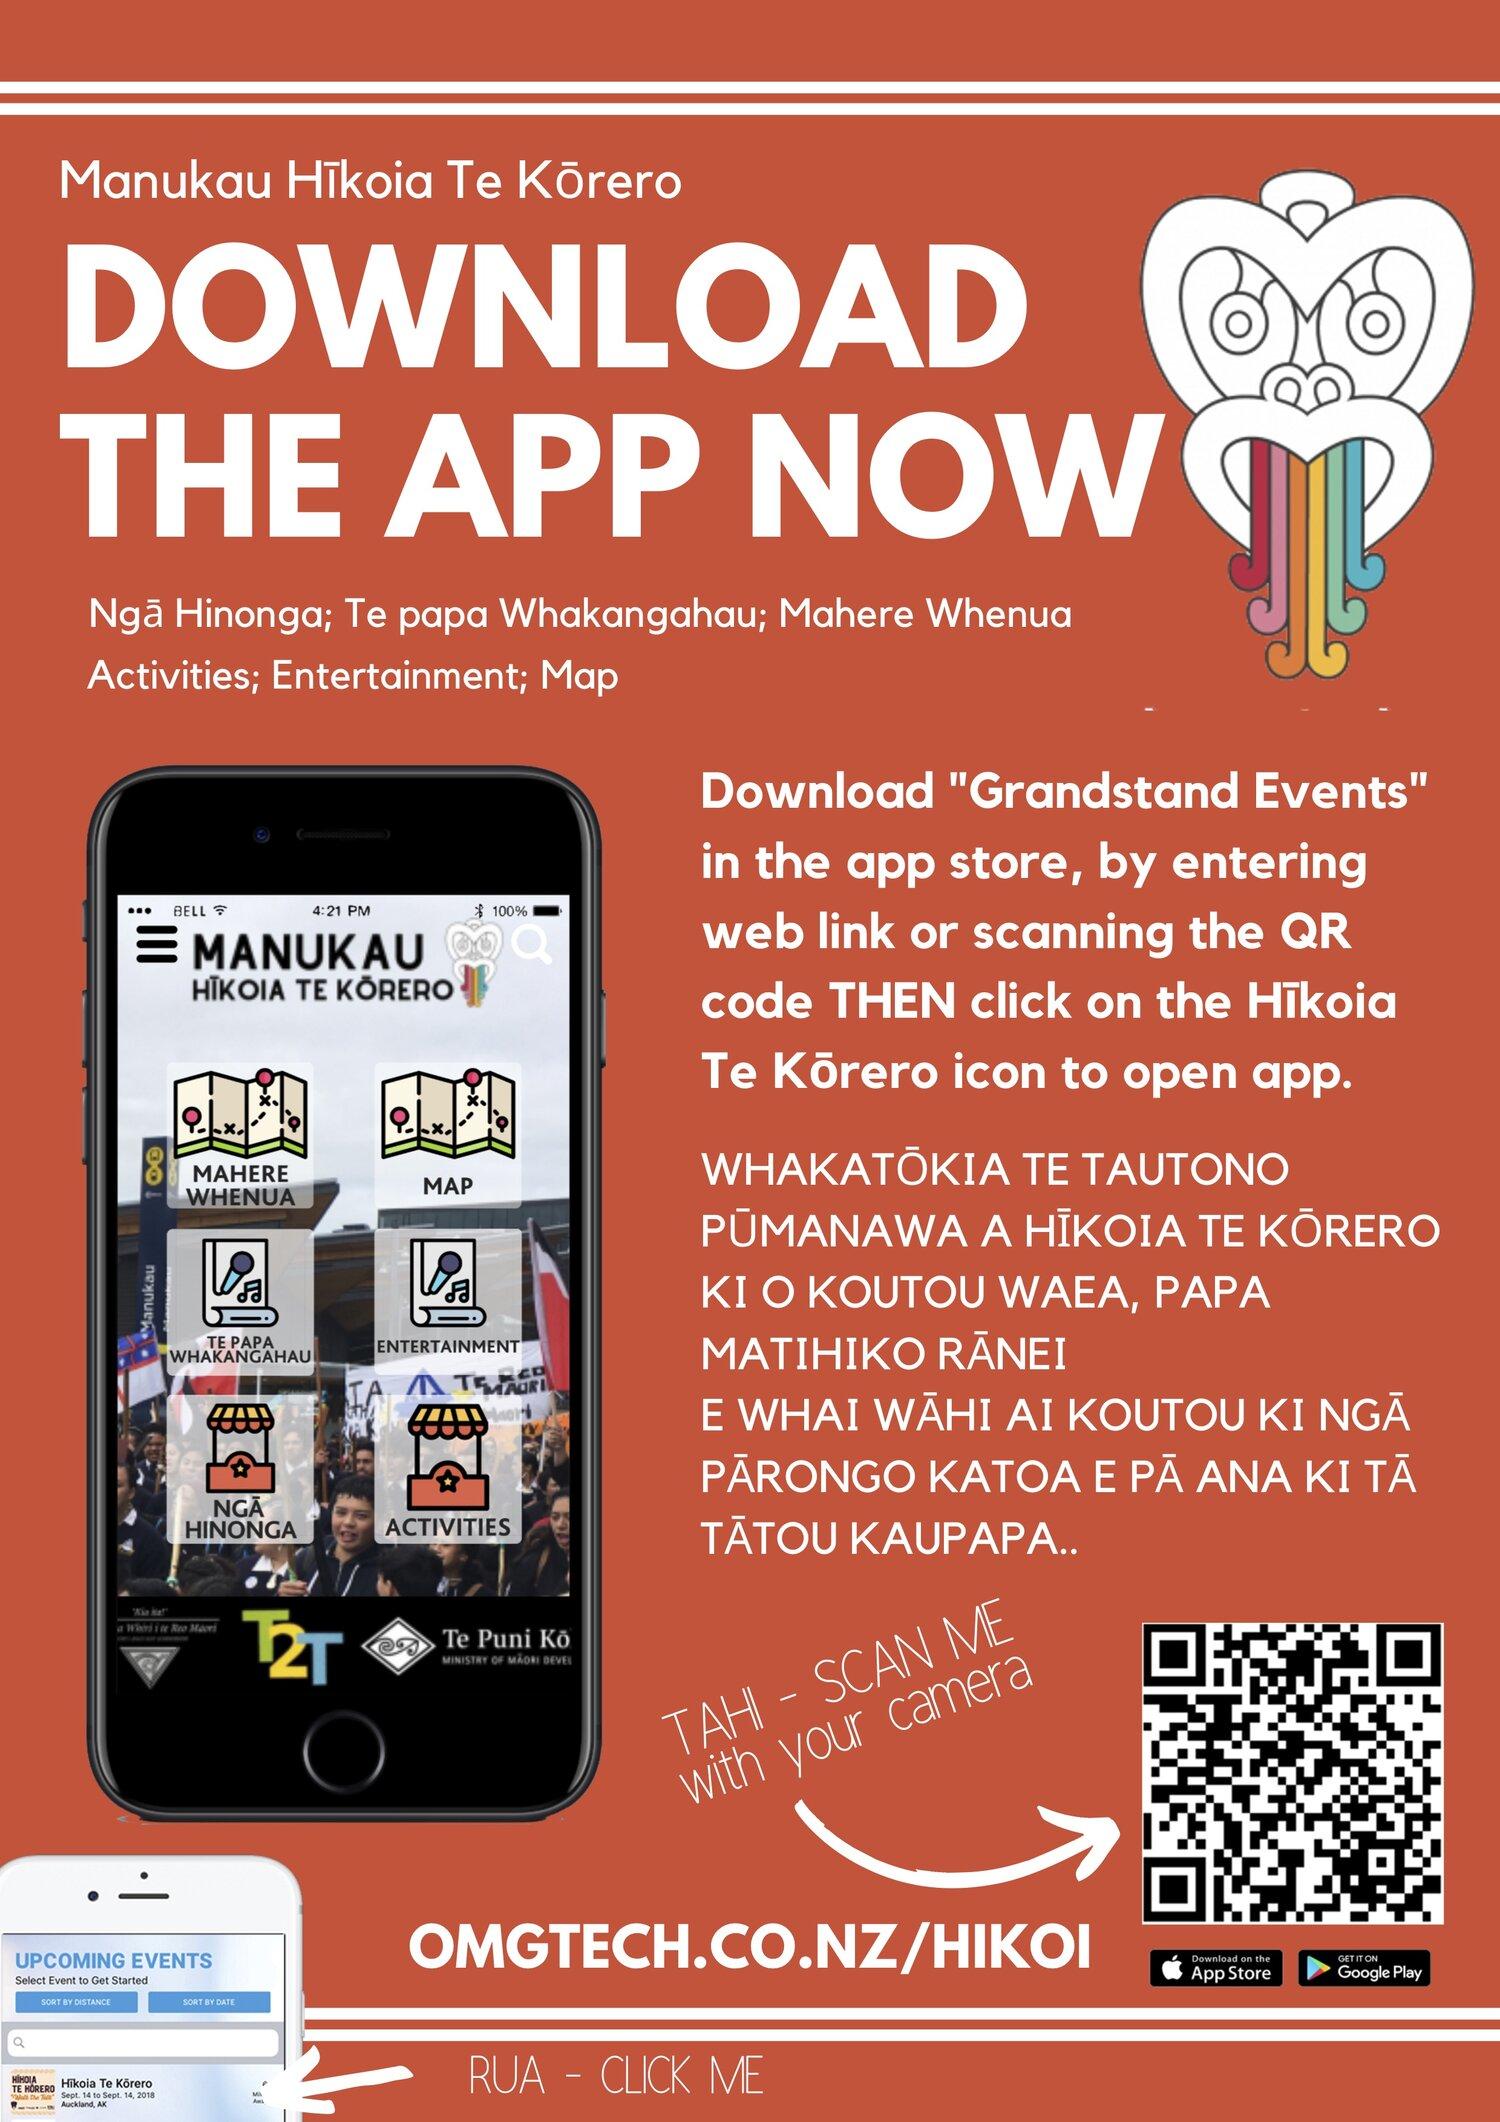 Manukau Hīkoia Te Kōrero Event Poster (3).jpg